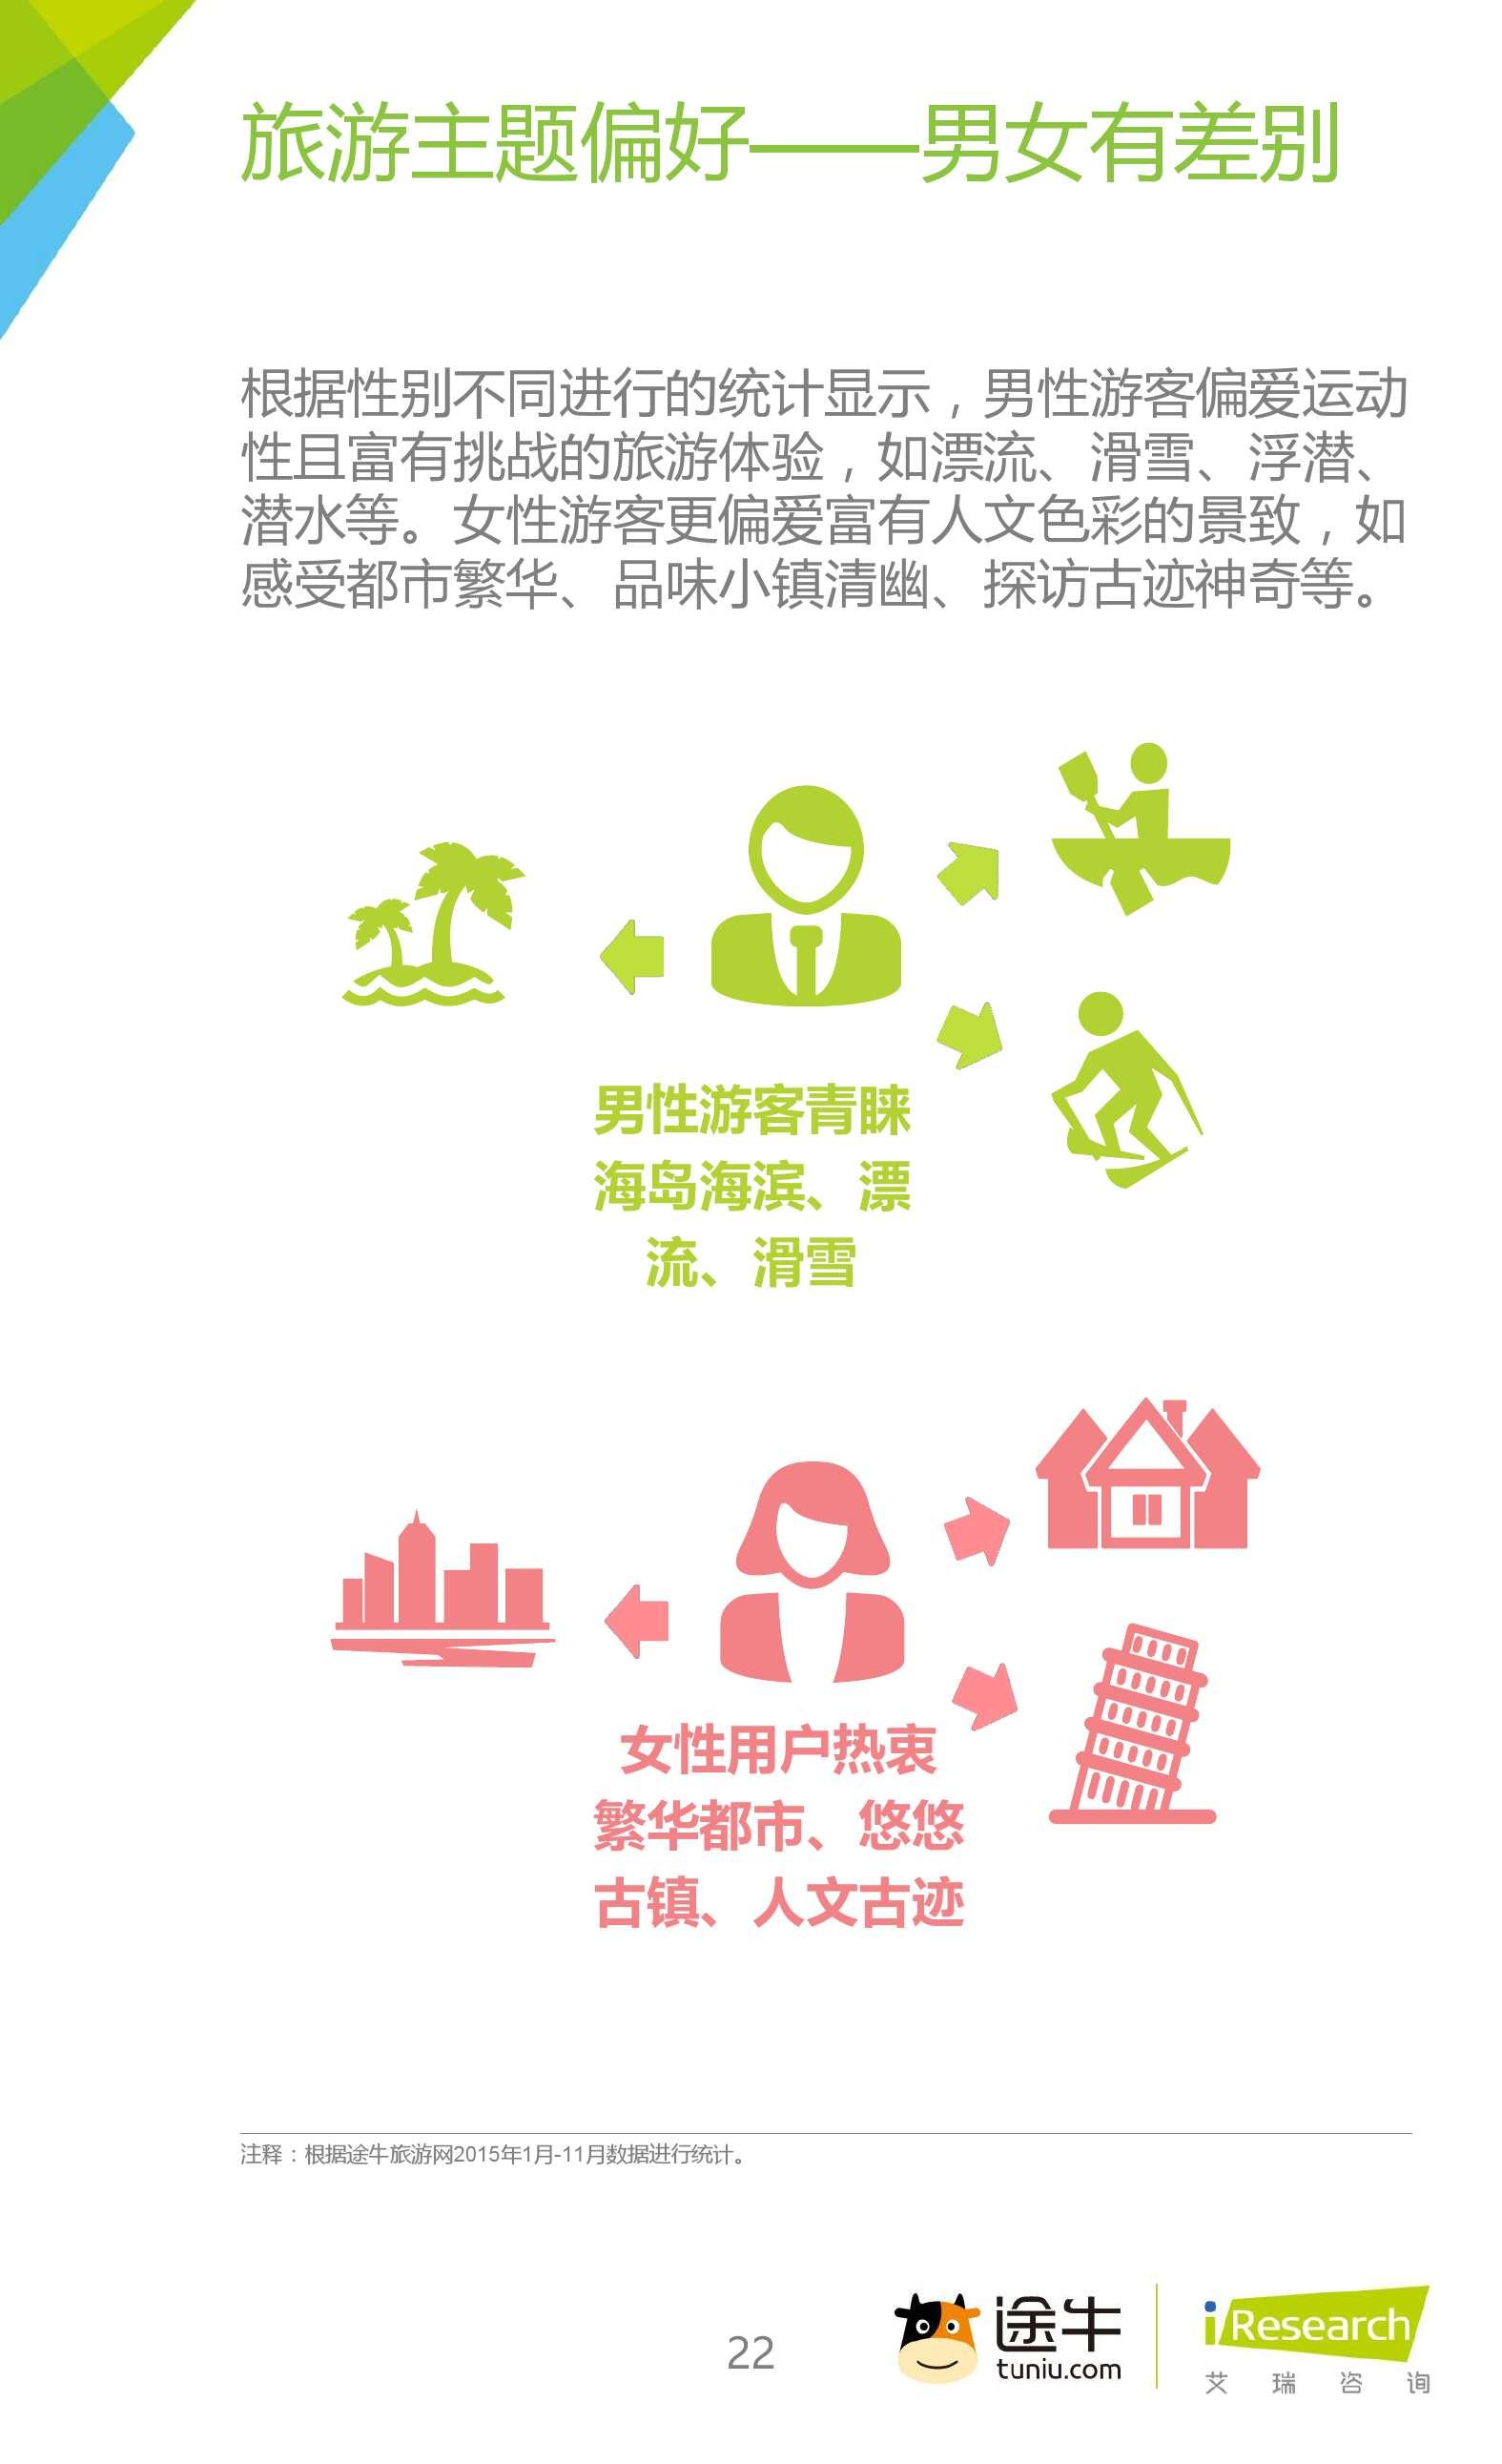 2016年中国在线旅游平台白皮书_000022